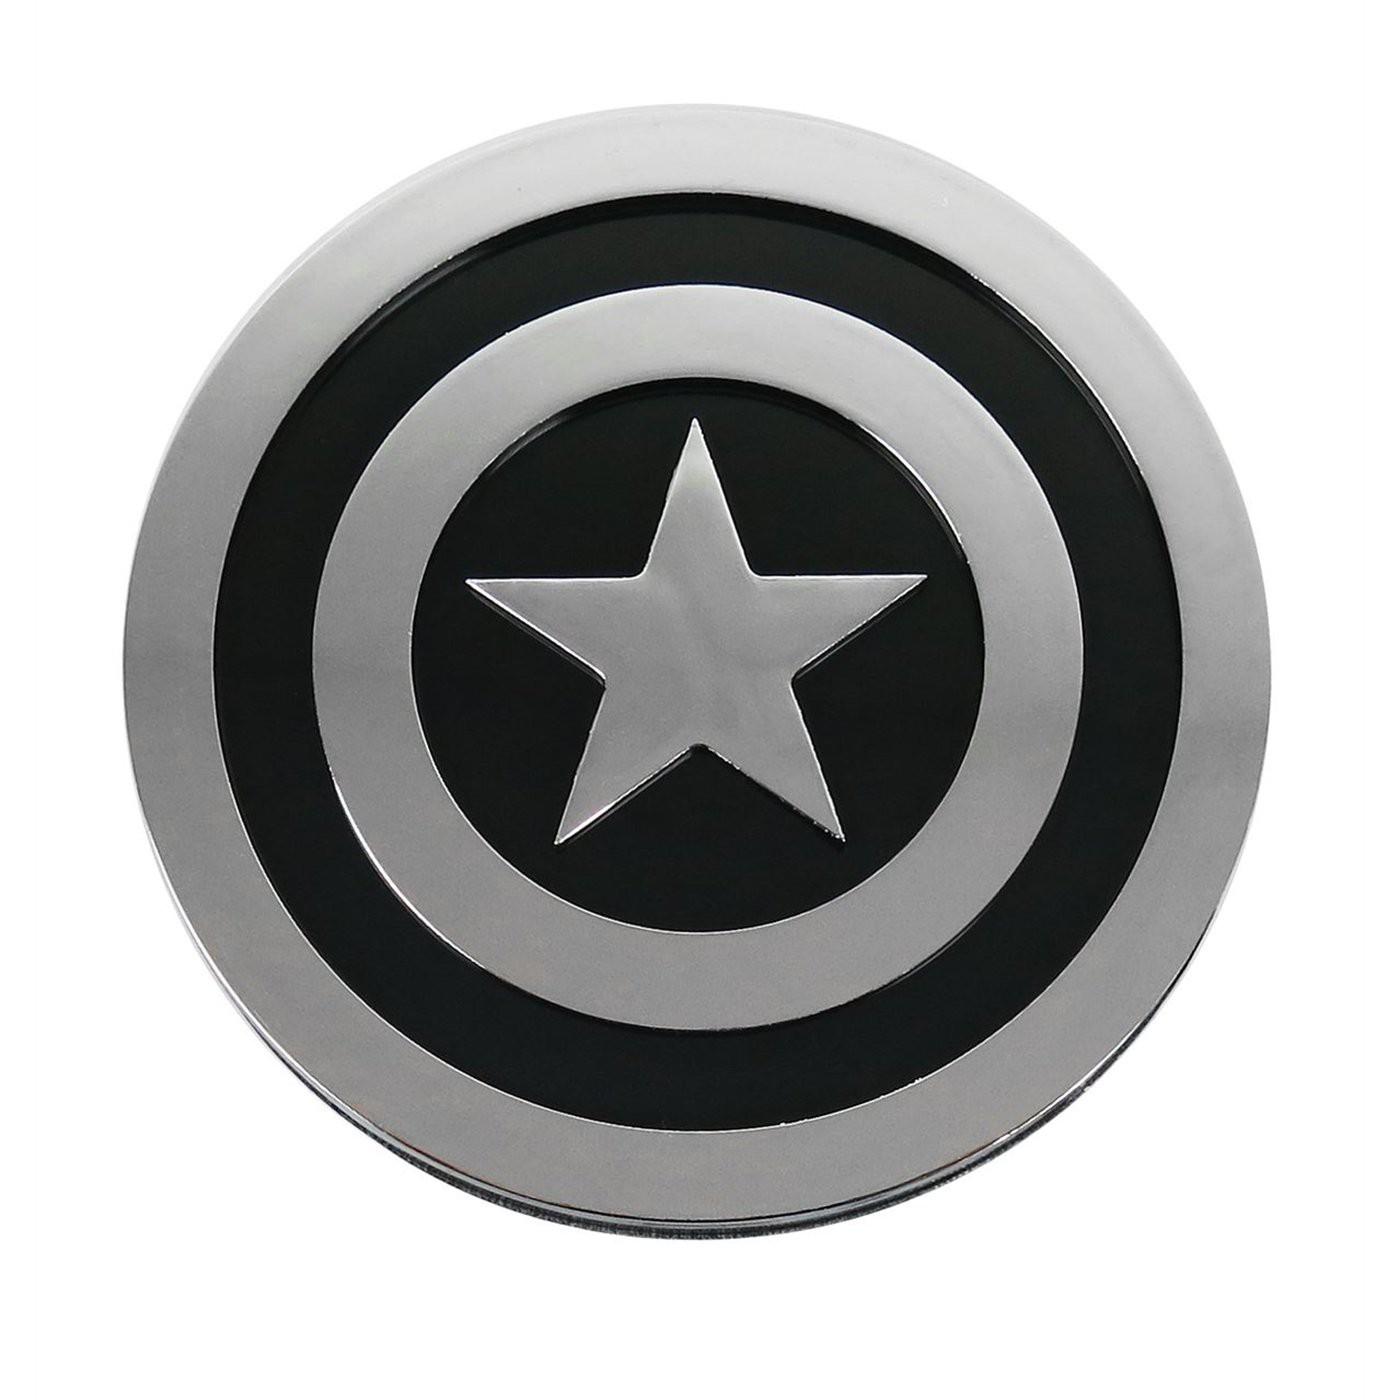 Captain America Shield Chrome and Black Car Emblem